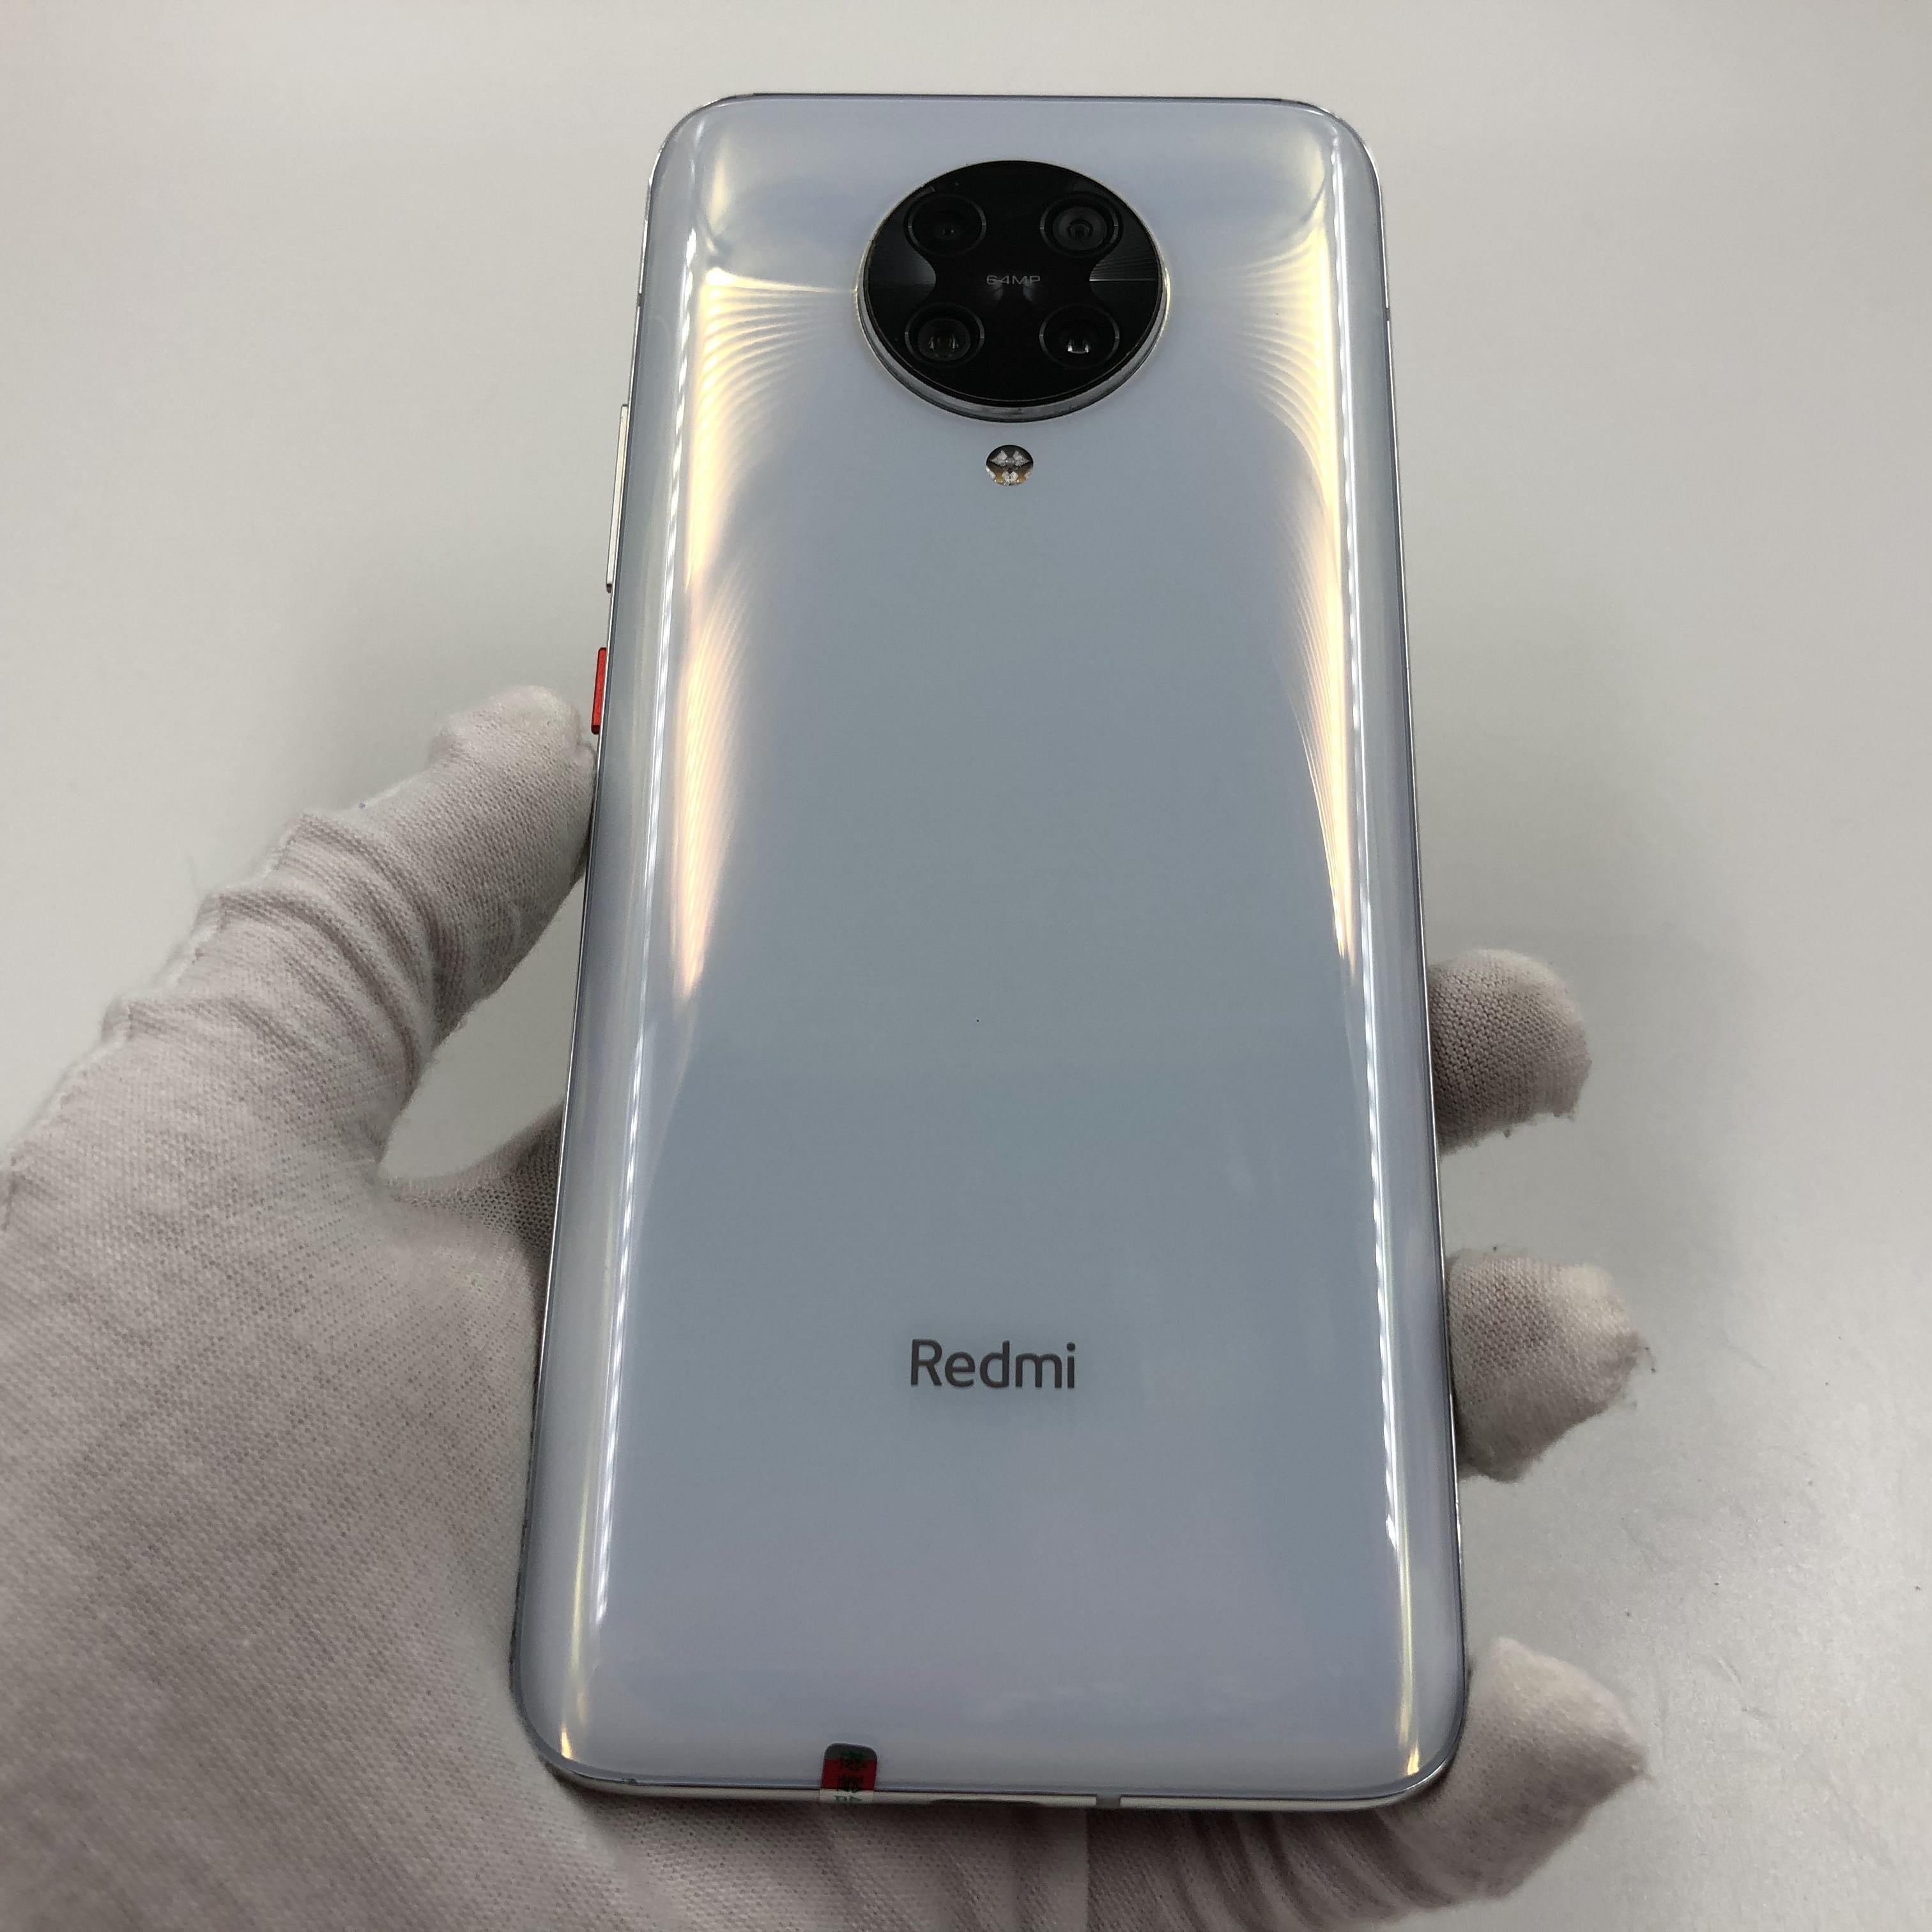 小米【Redmi k30 Pro 5G】5G全网通 月幕白 8G/128G 国行 95新 真机实拍